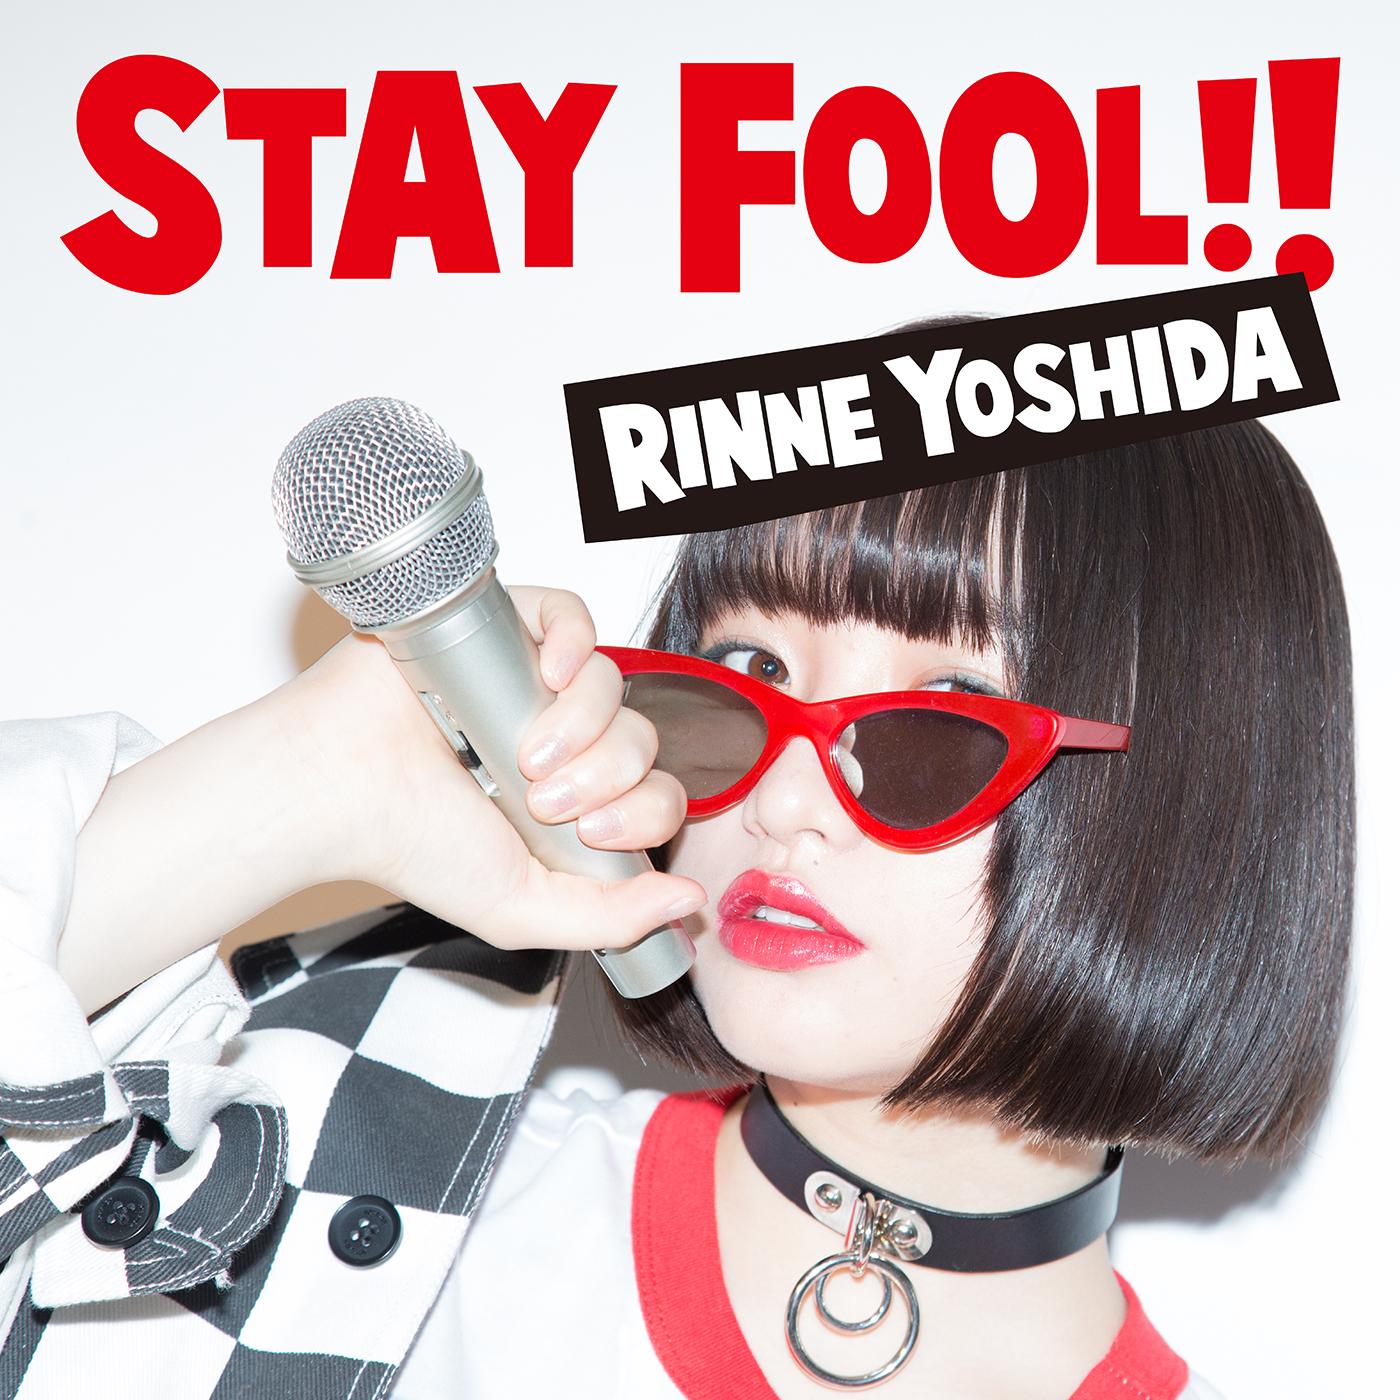 吉田凜音、久間田琳加とコラボしたミュージックビデオ「パーティーアップ」を公開!